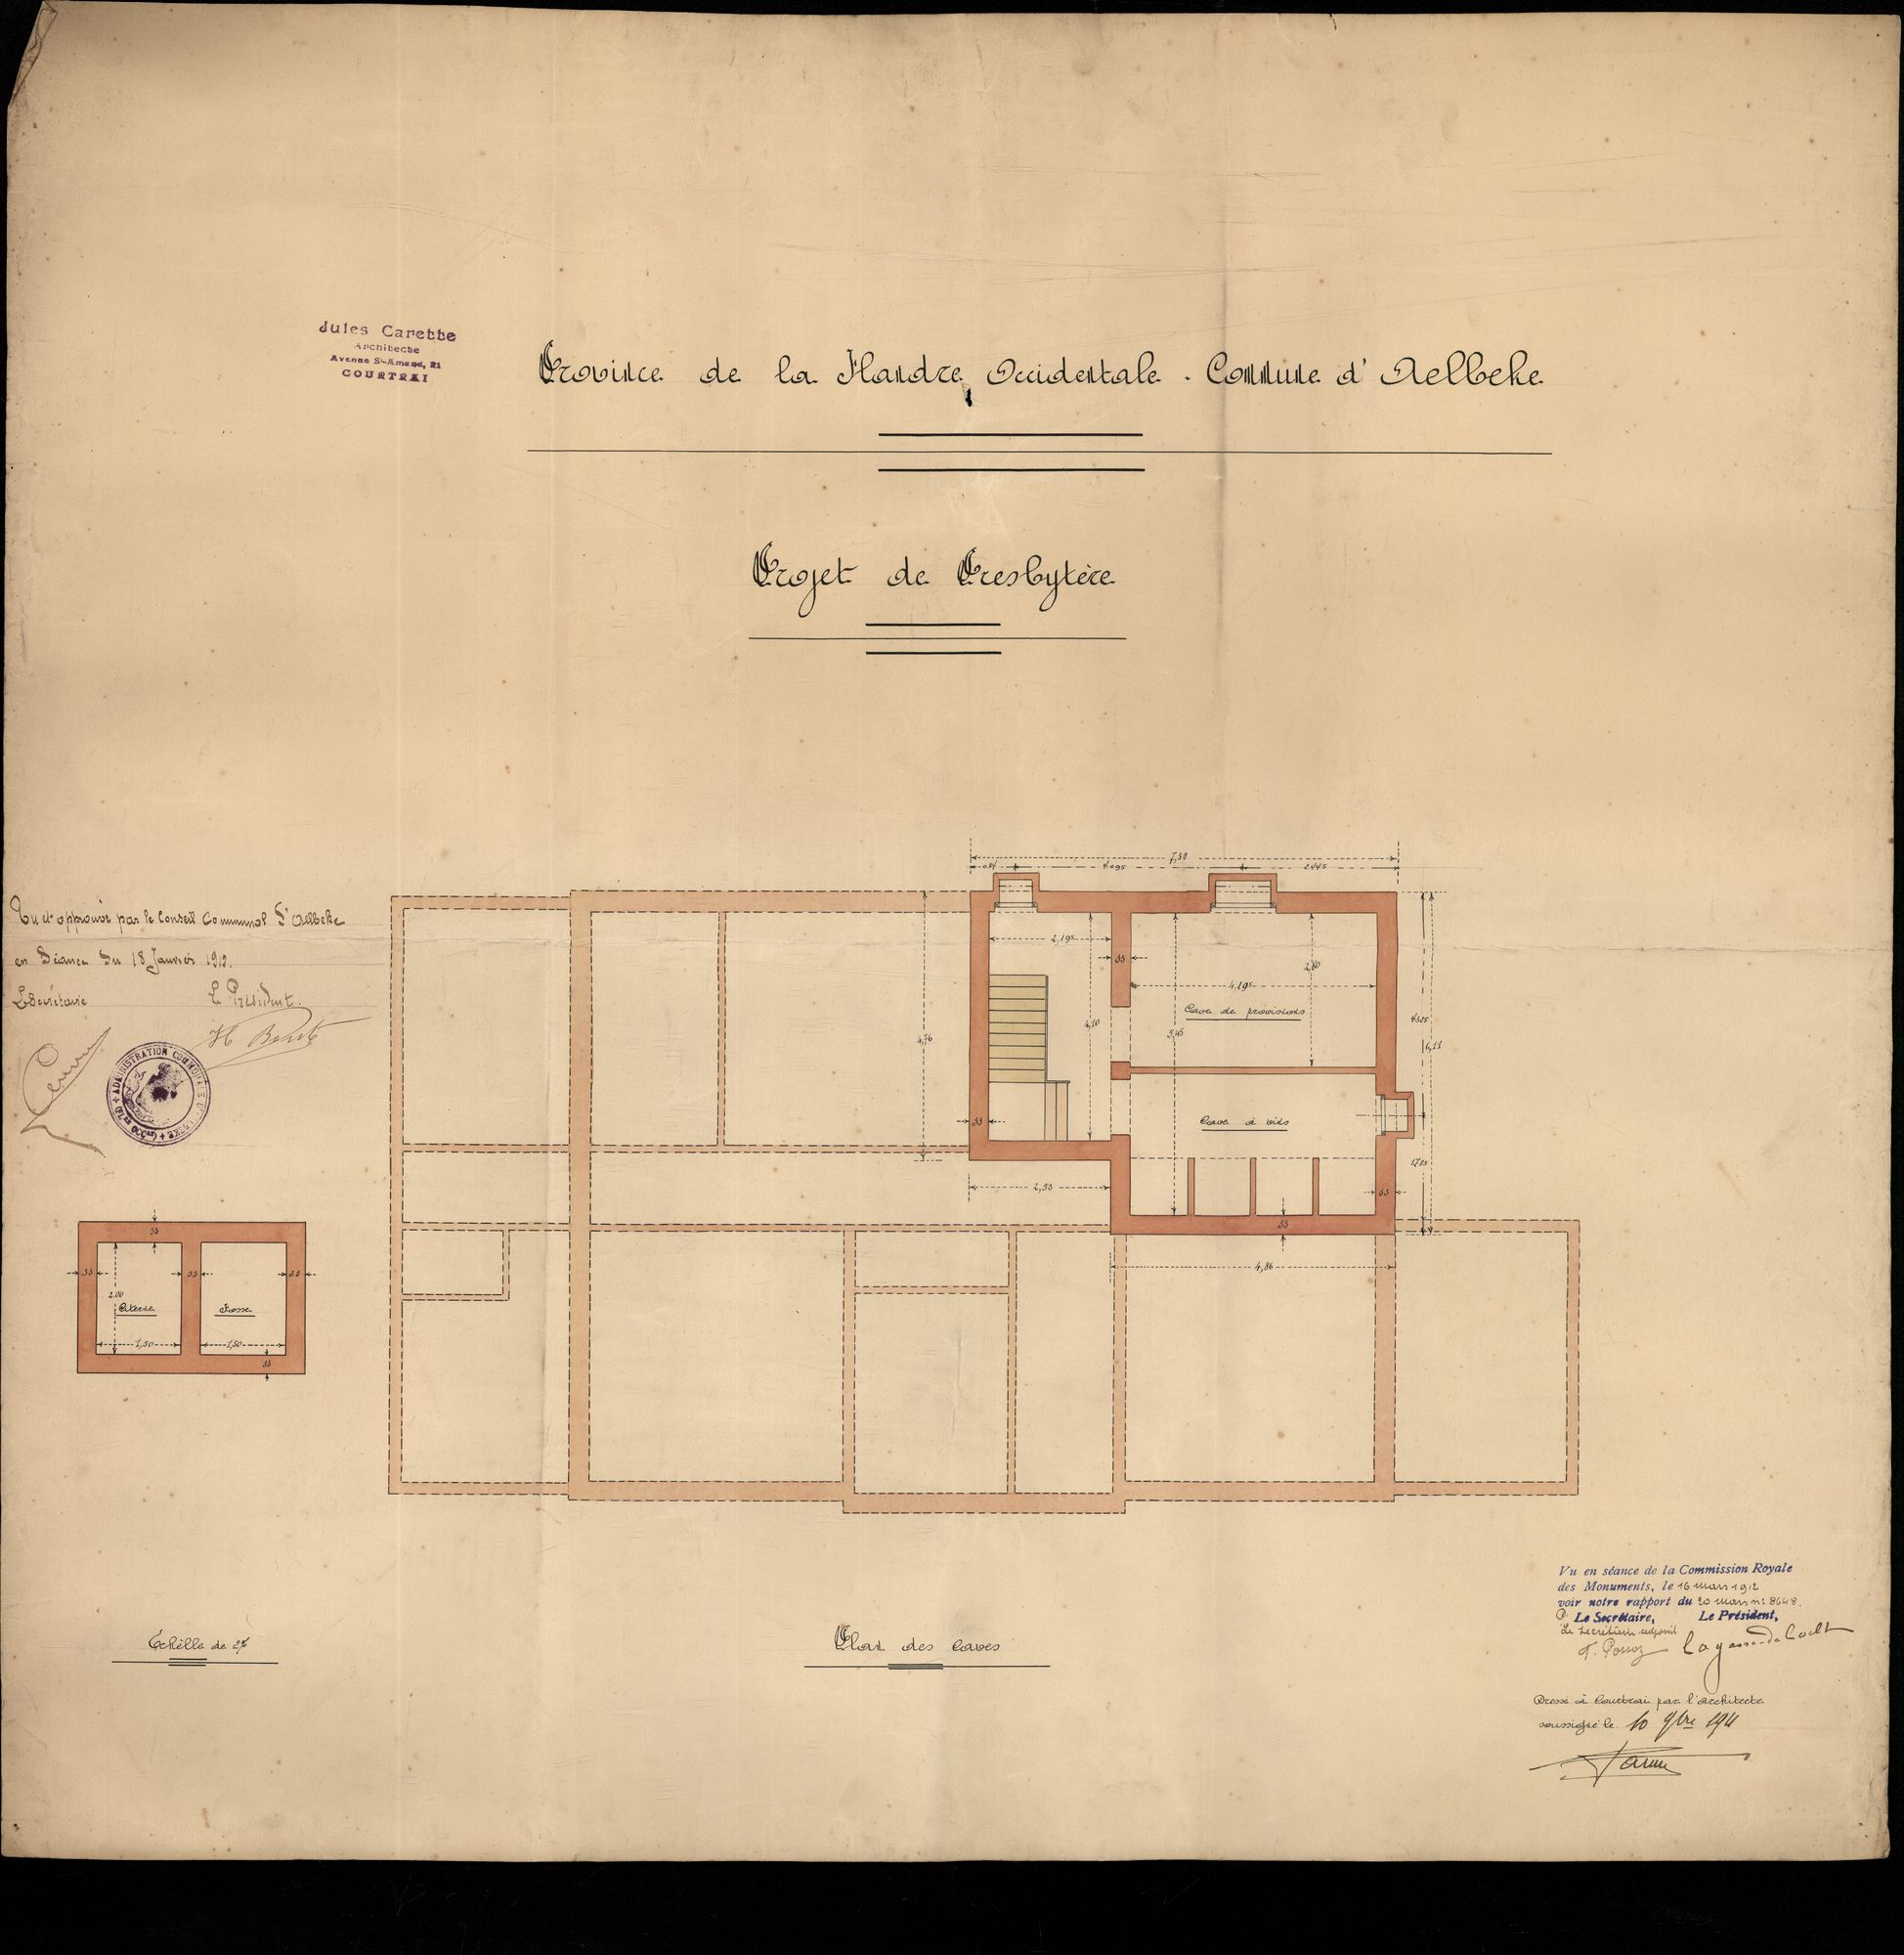 Bouwplannen voor de verbouwing van de pastorie te Aalbeke, 1911-1912